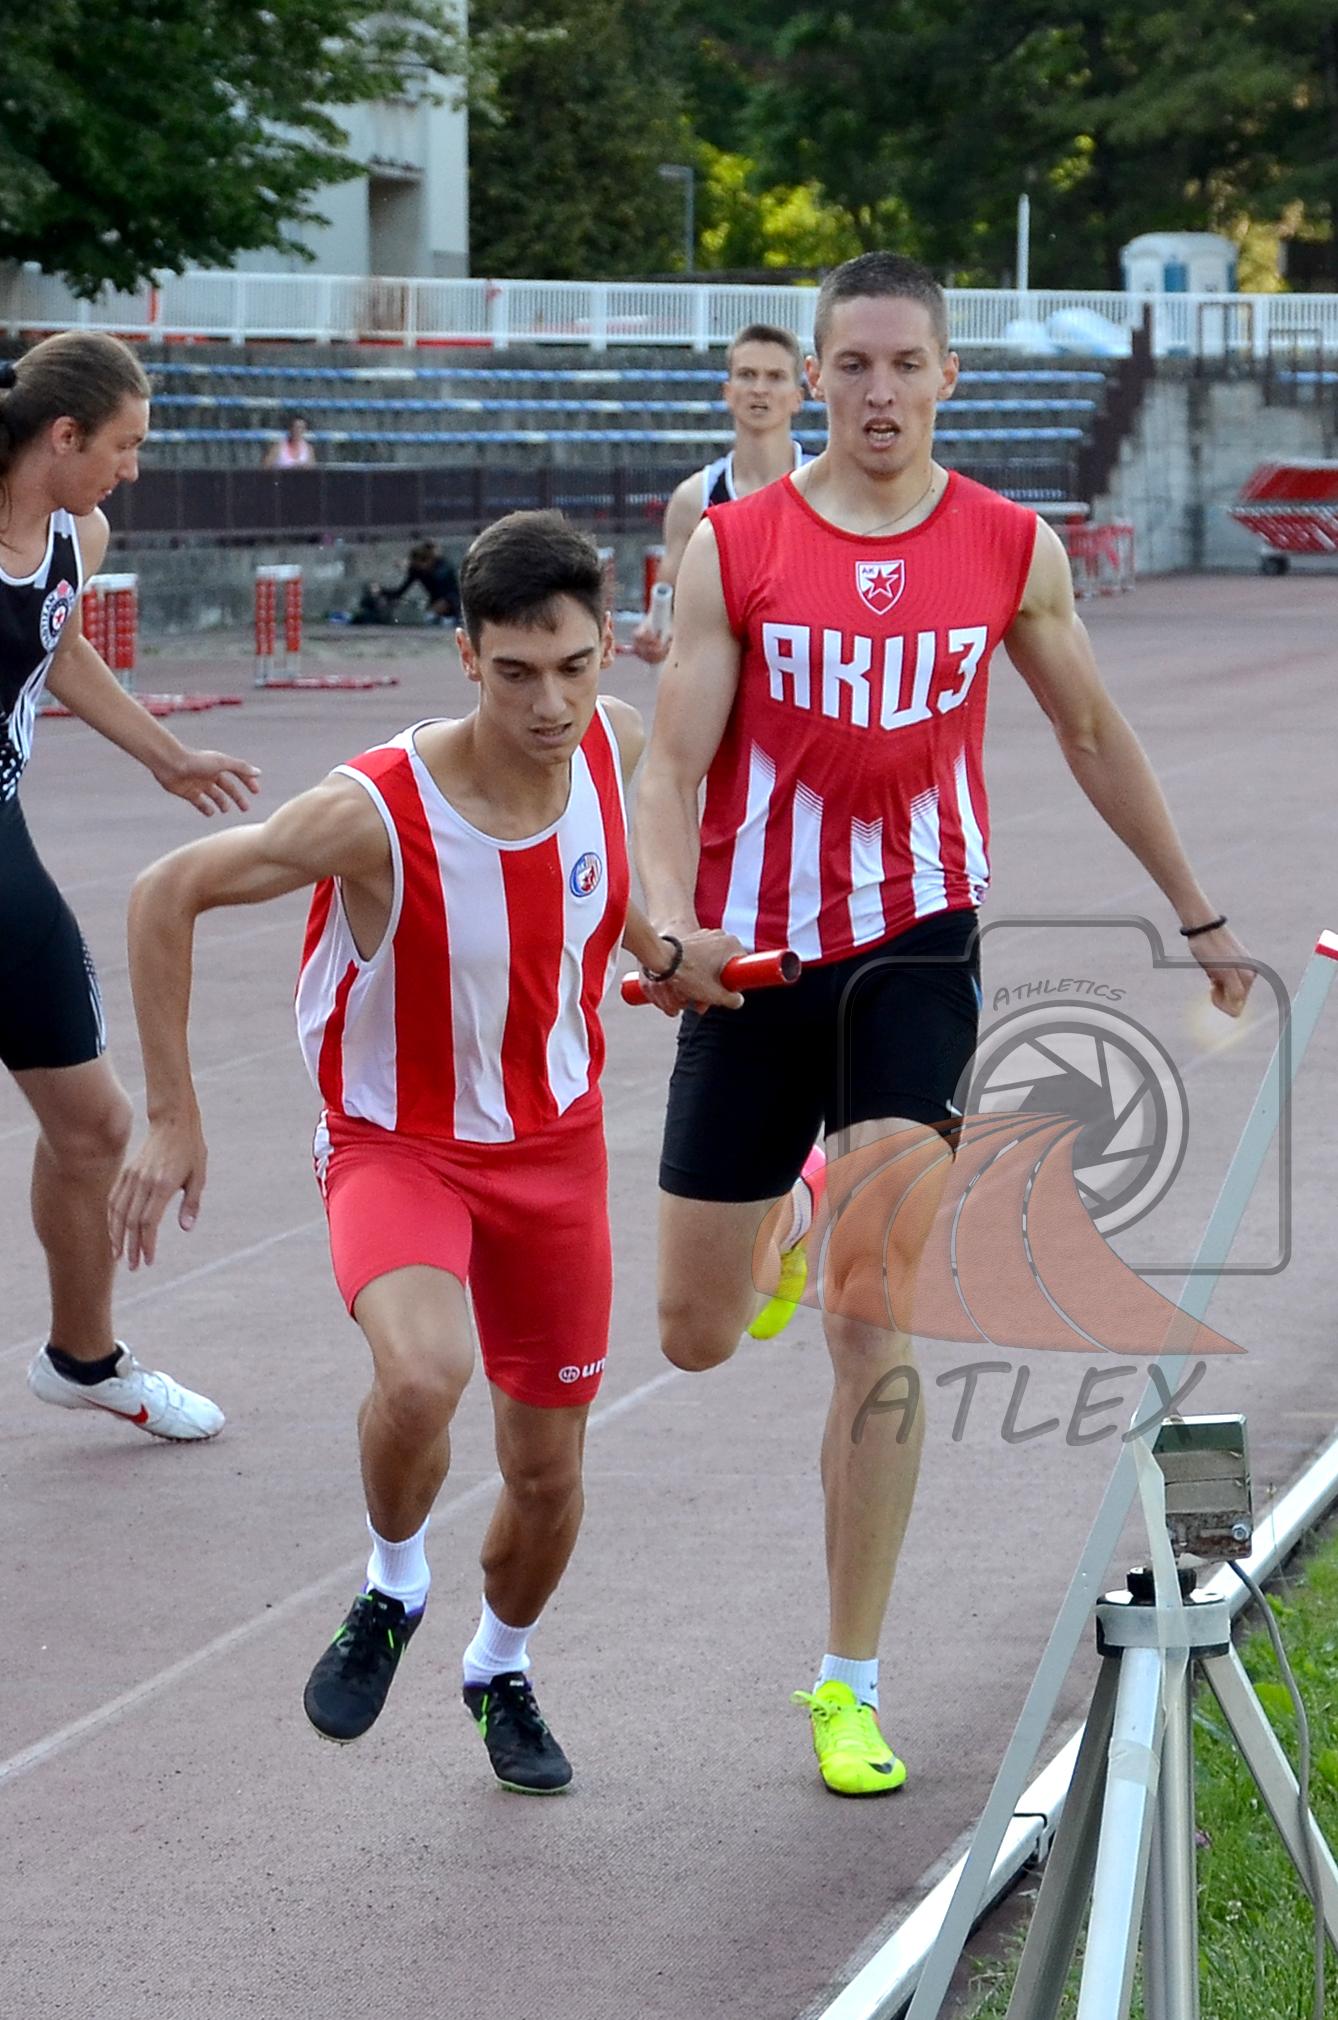 Miloš Raović i Miloš Marković, štafeta 4x400 metara AK Crvena zvezda